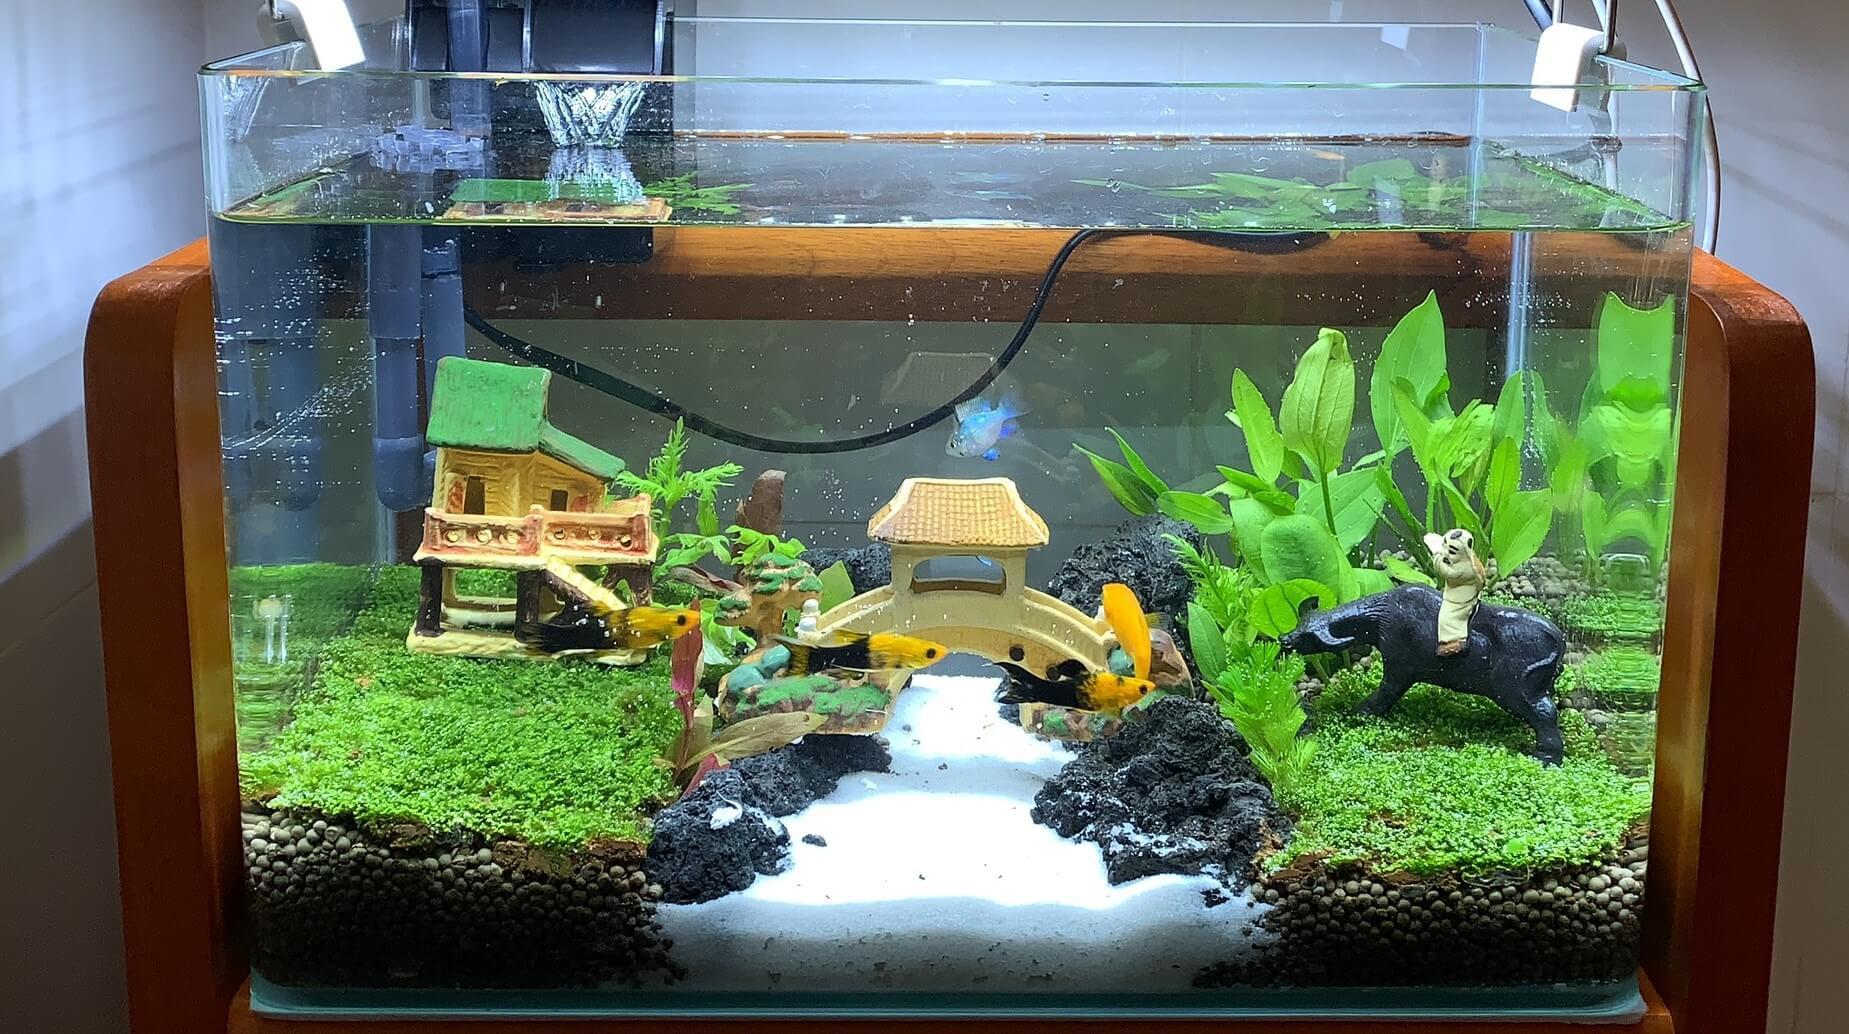 Lựa chọn hồ cá phù hợp cho không gian sống